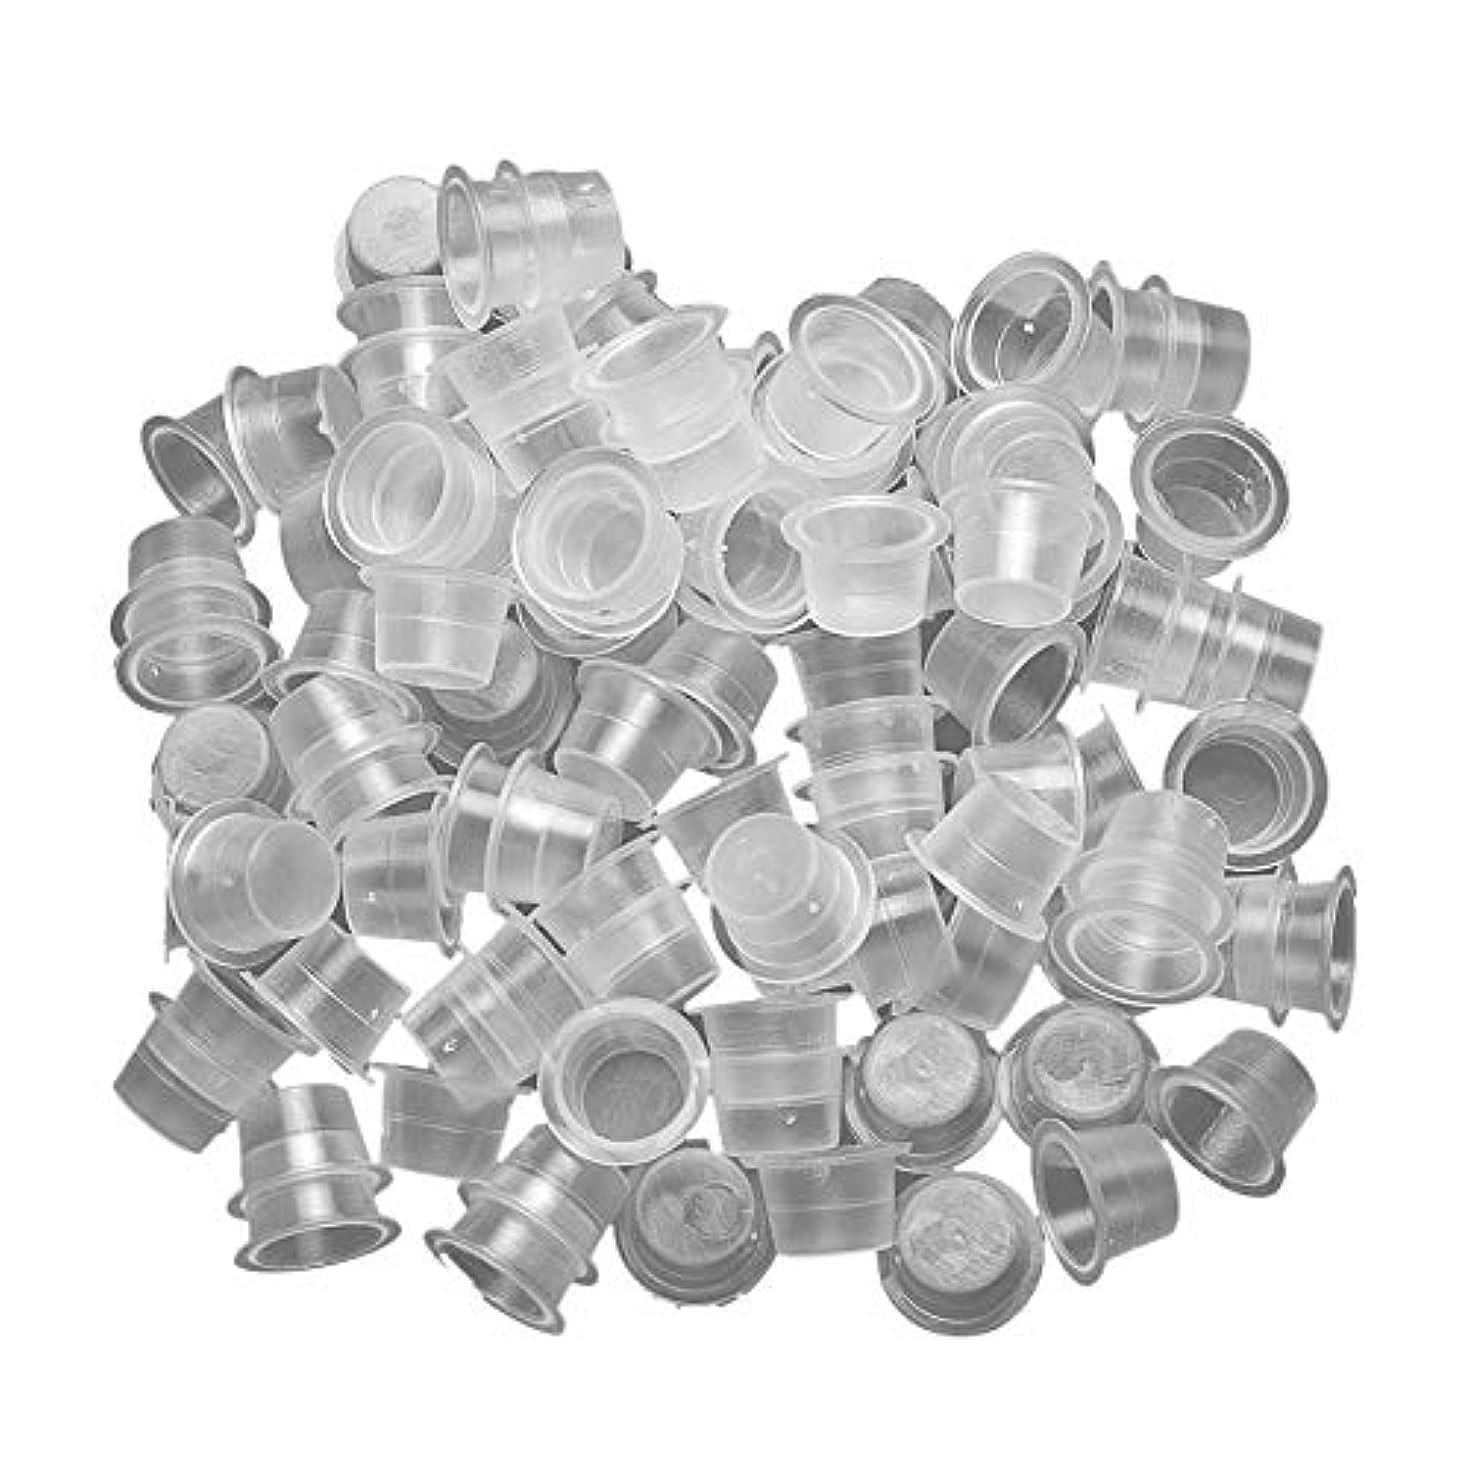 例外カード瞬時に入れ墨キャップ カップ 約1000個 使い捨てプラスチック 入れ墨顔料カップ